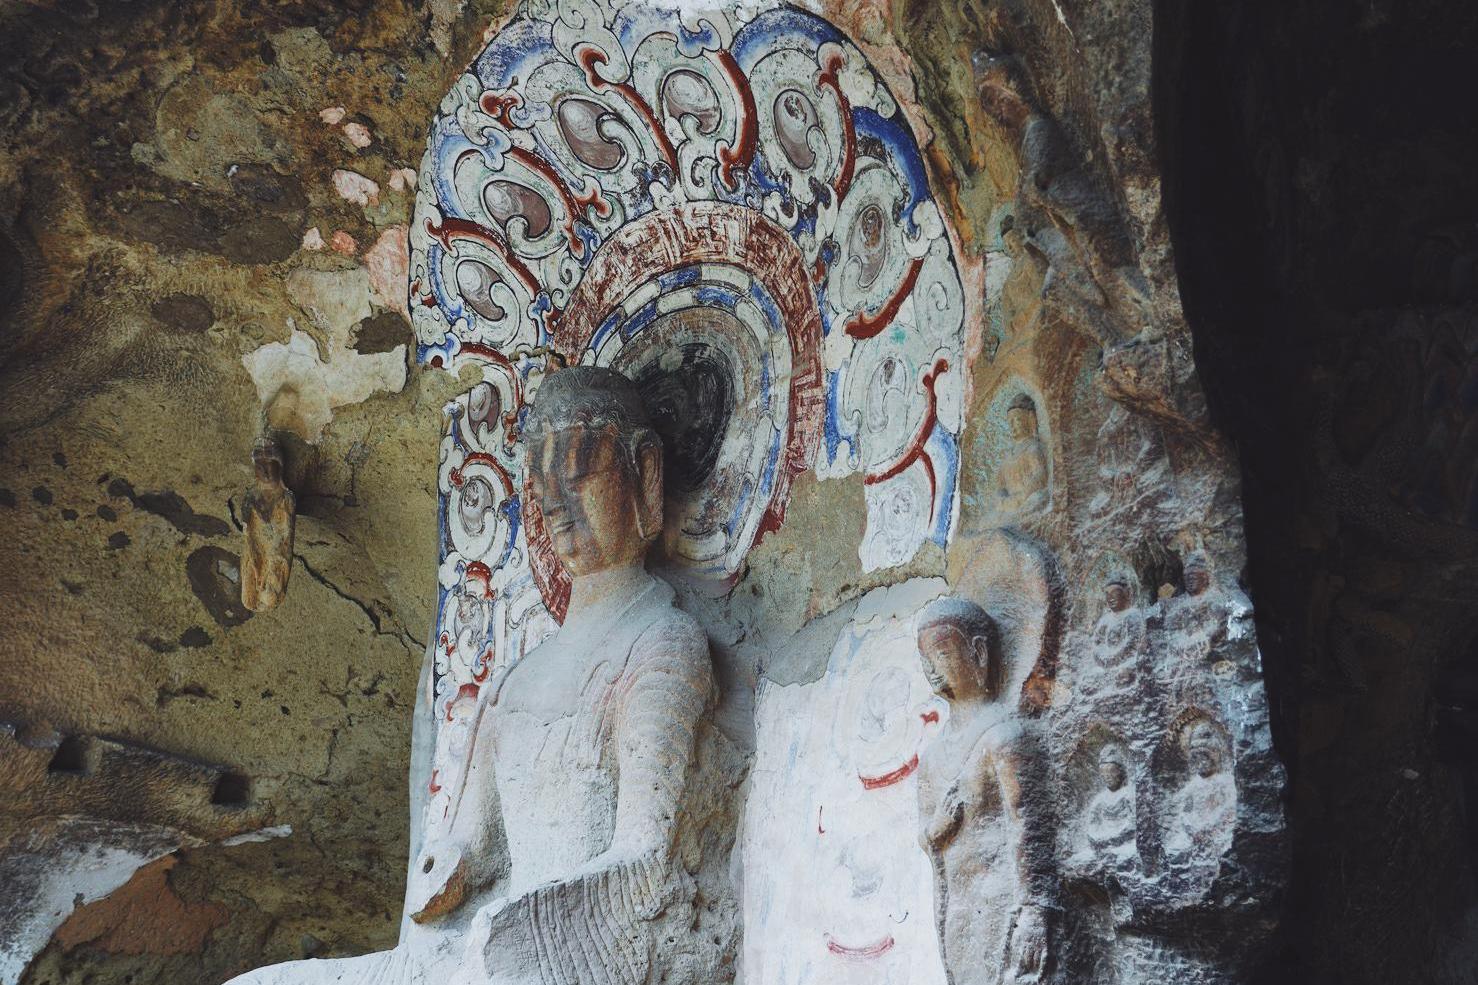 和云冈同为北魏石窟,东北唯一的石窟,却有些低调,可看到国宝碑刻